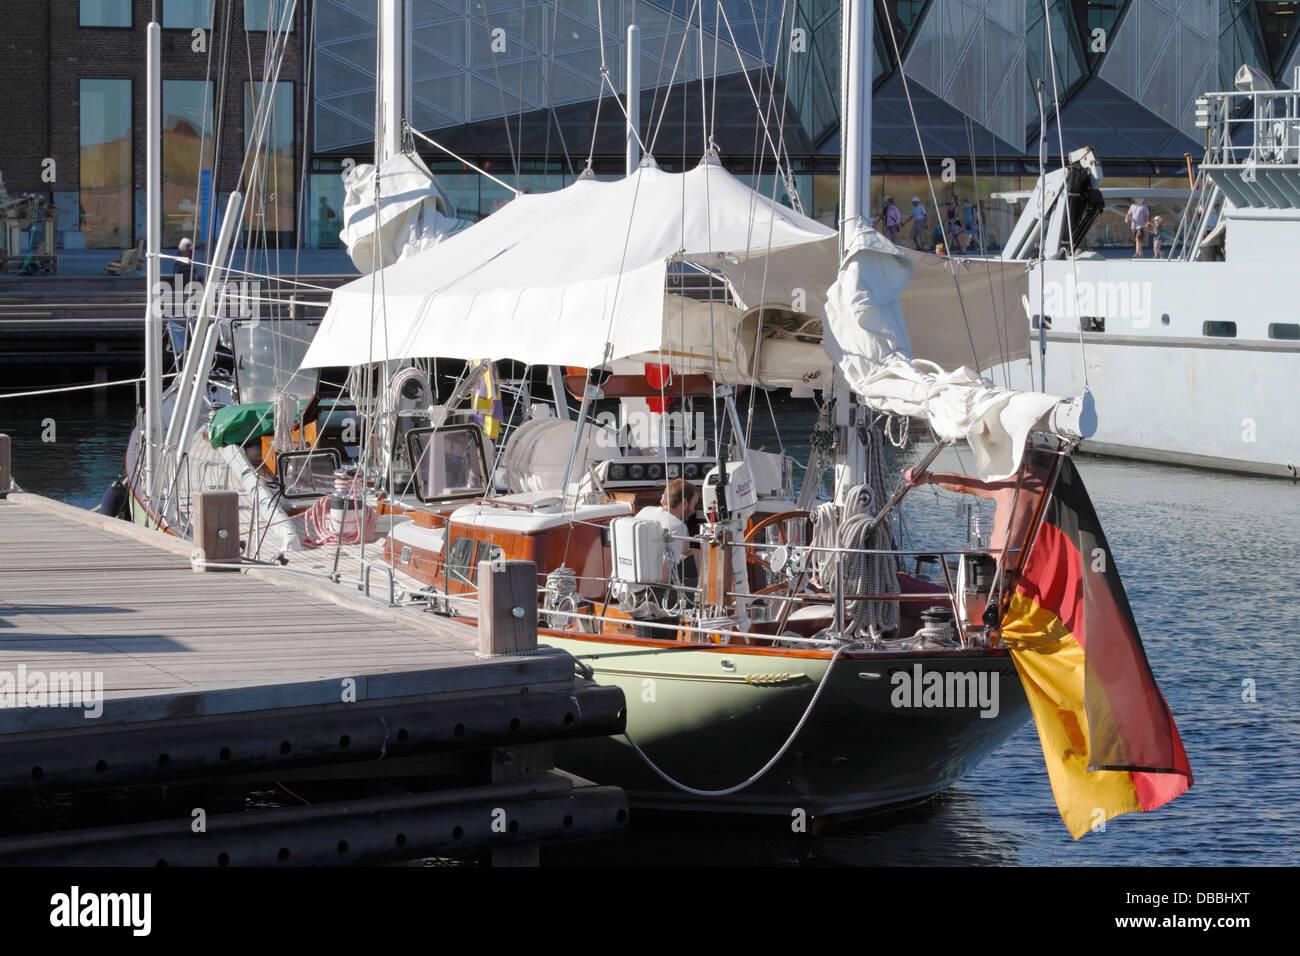 Il tedesco yacht Germania visitare Elsinore Ormeggiato accanto il danese di mezzi navali HDMS Nymfen P524 di fronte Immagini Stock